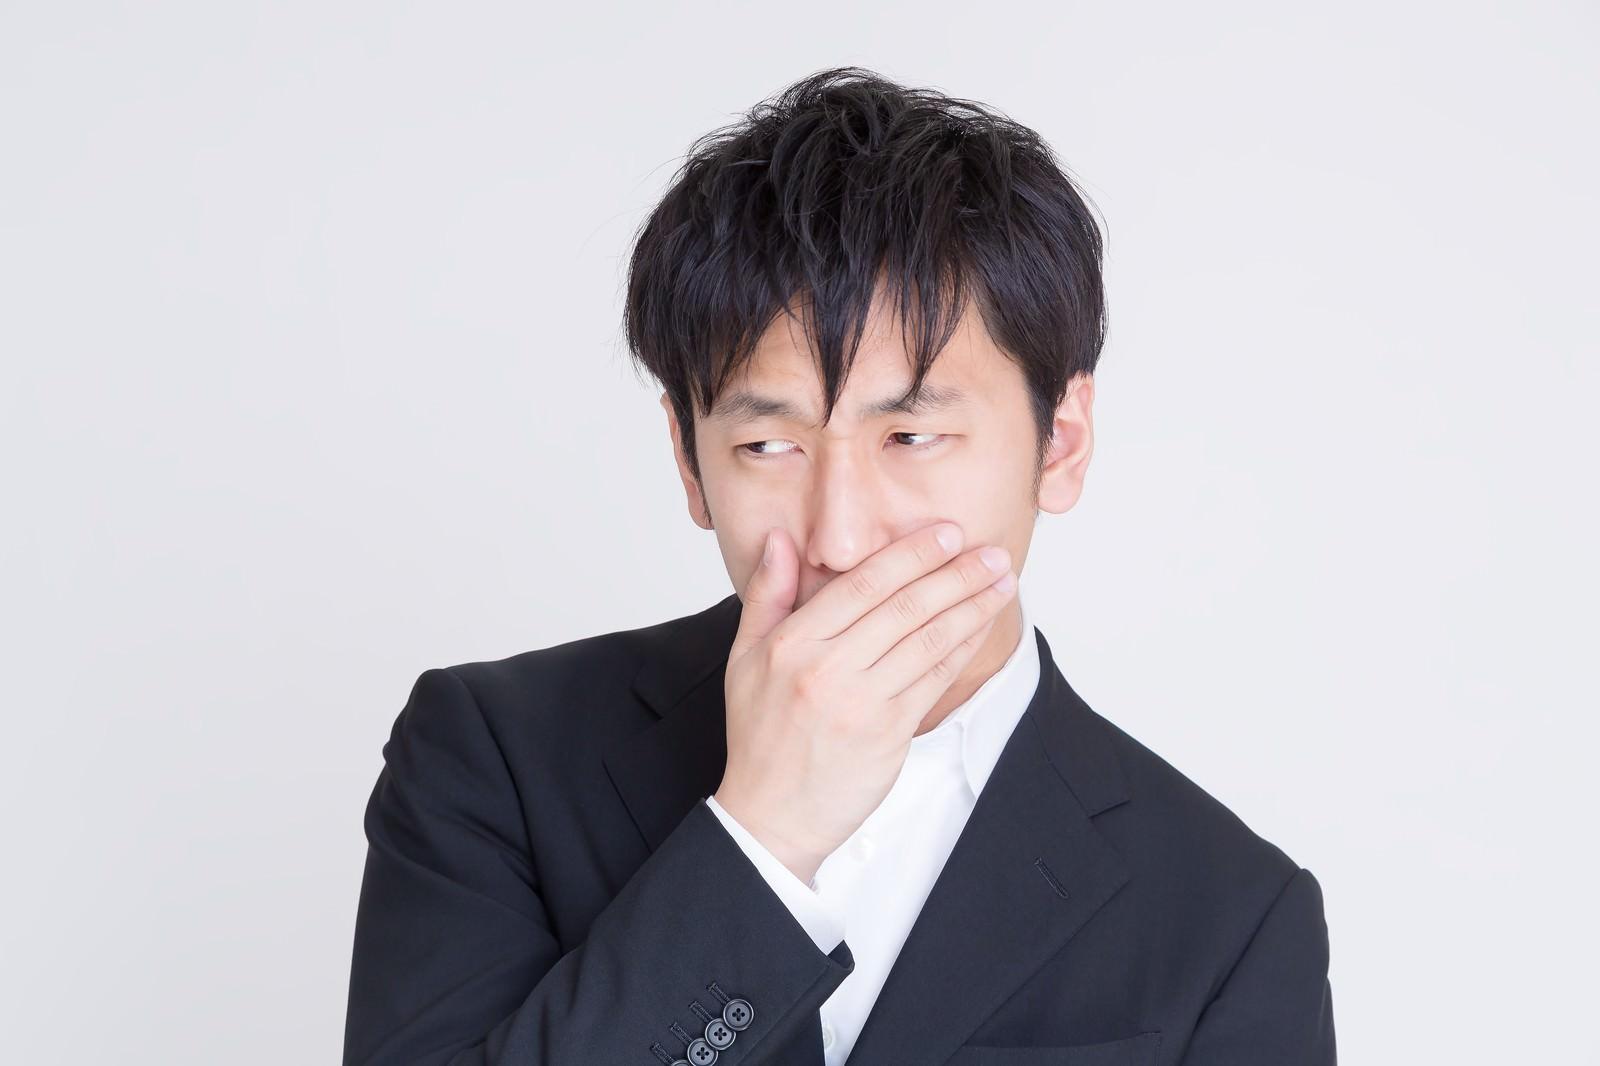 「年収低すぎて口に手をあてるビジネスマン年収低すぎて口に手をあてるビジネスマン」[モデル:大川竜弥]のフリー写真素材を拡大